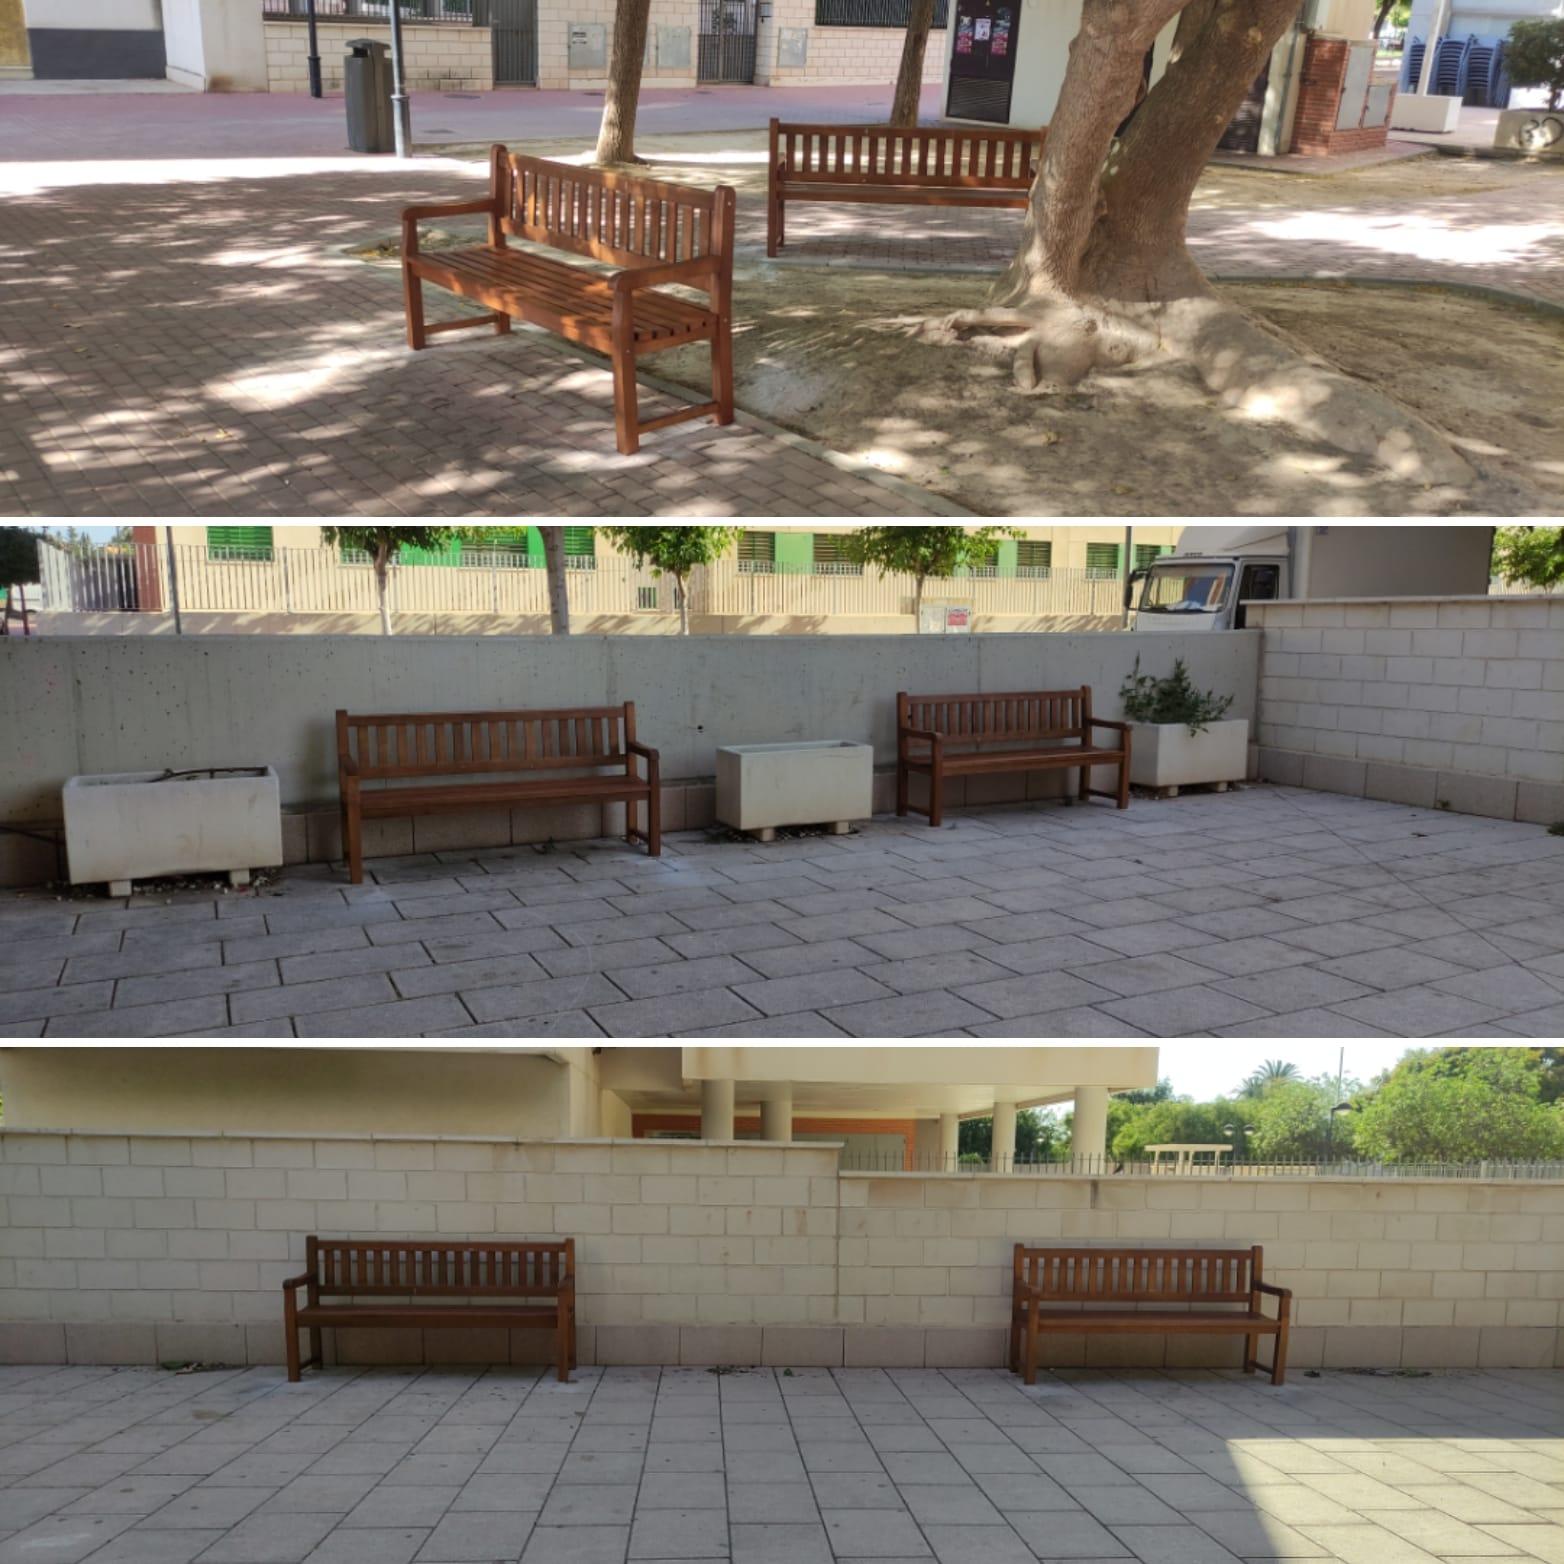 2021-07-13 Renovación bancos Plaza Open Futura en Joven Futura